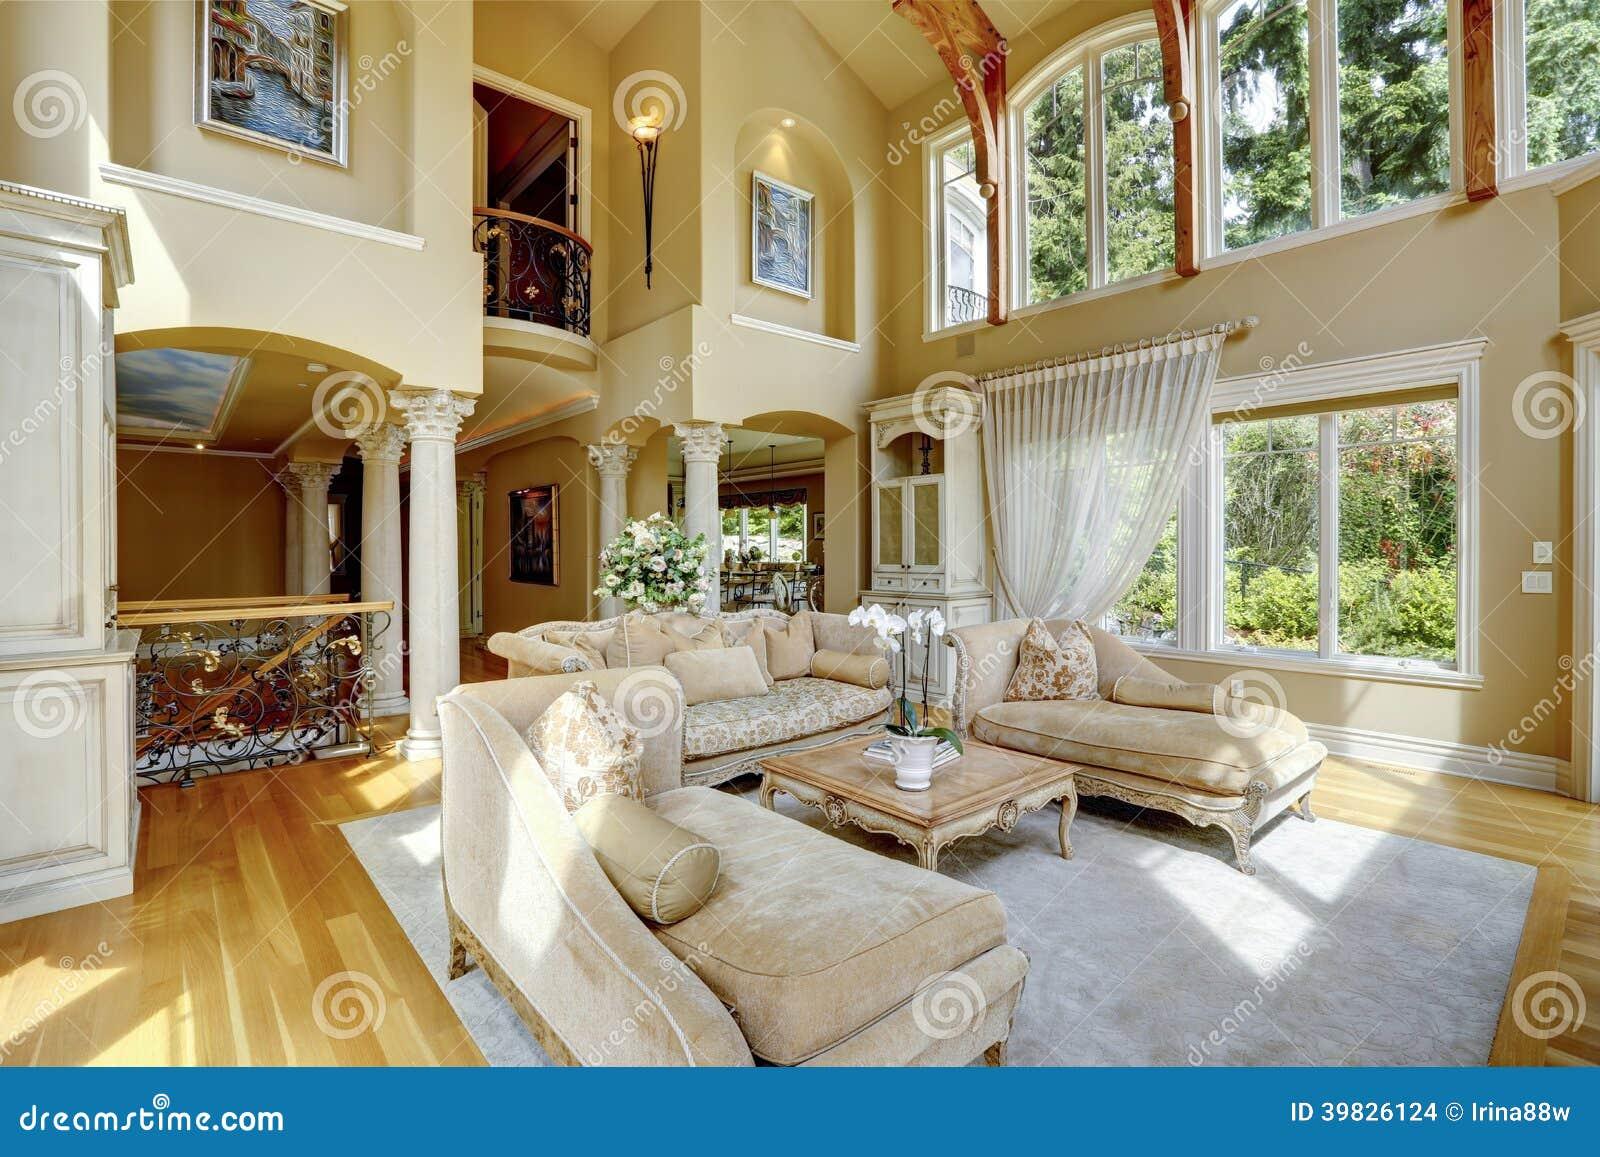 豪华房子内部.客厅